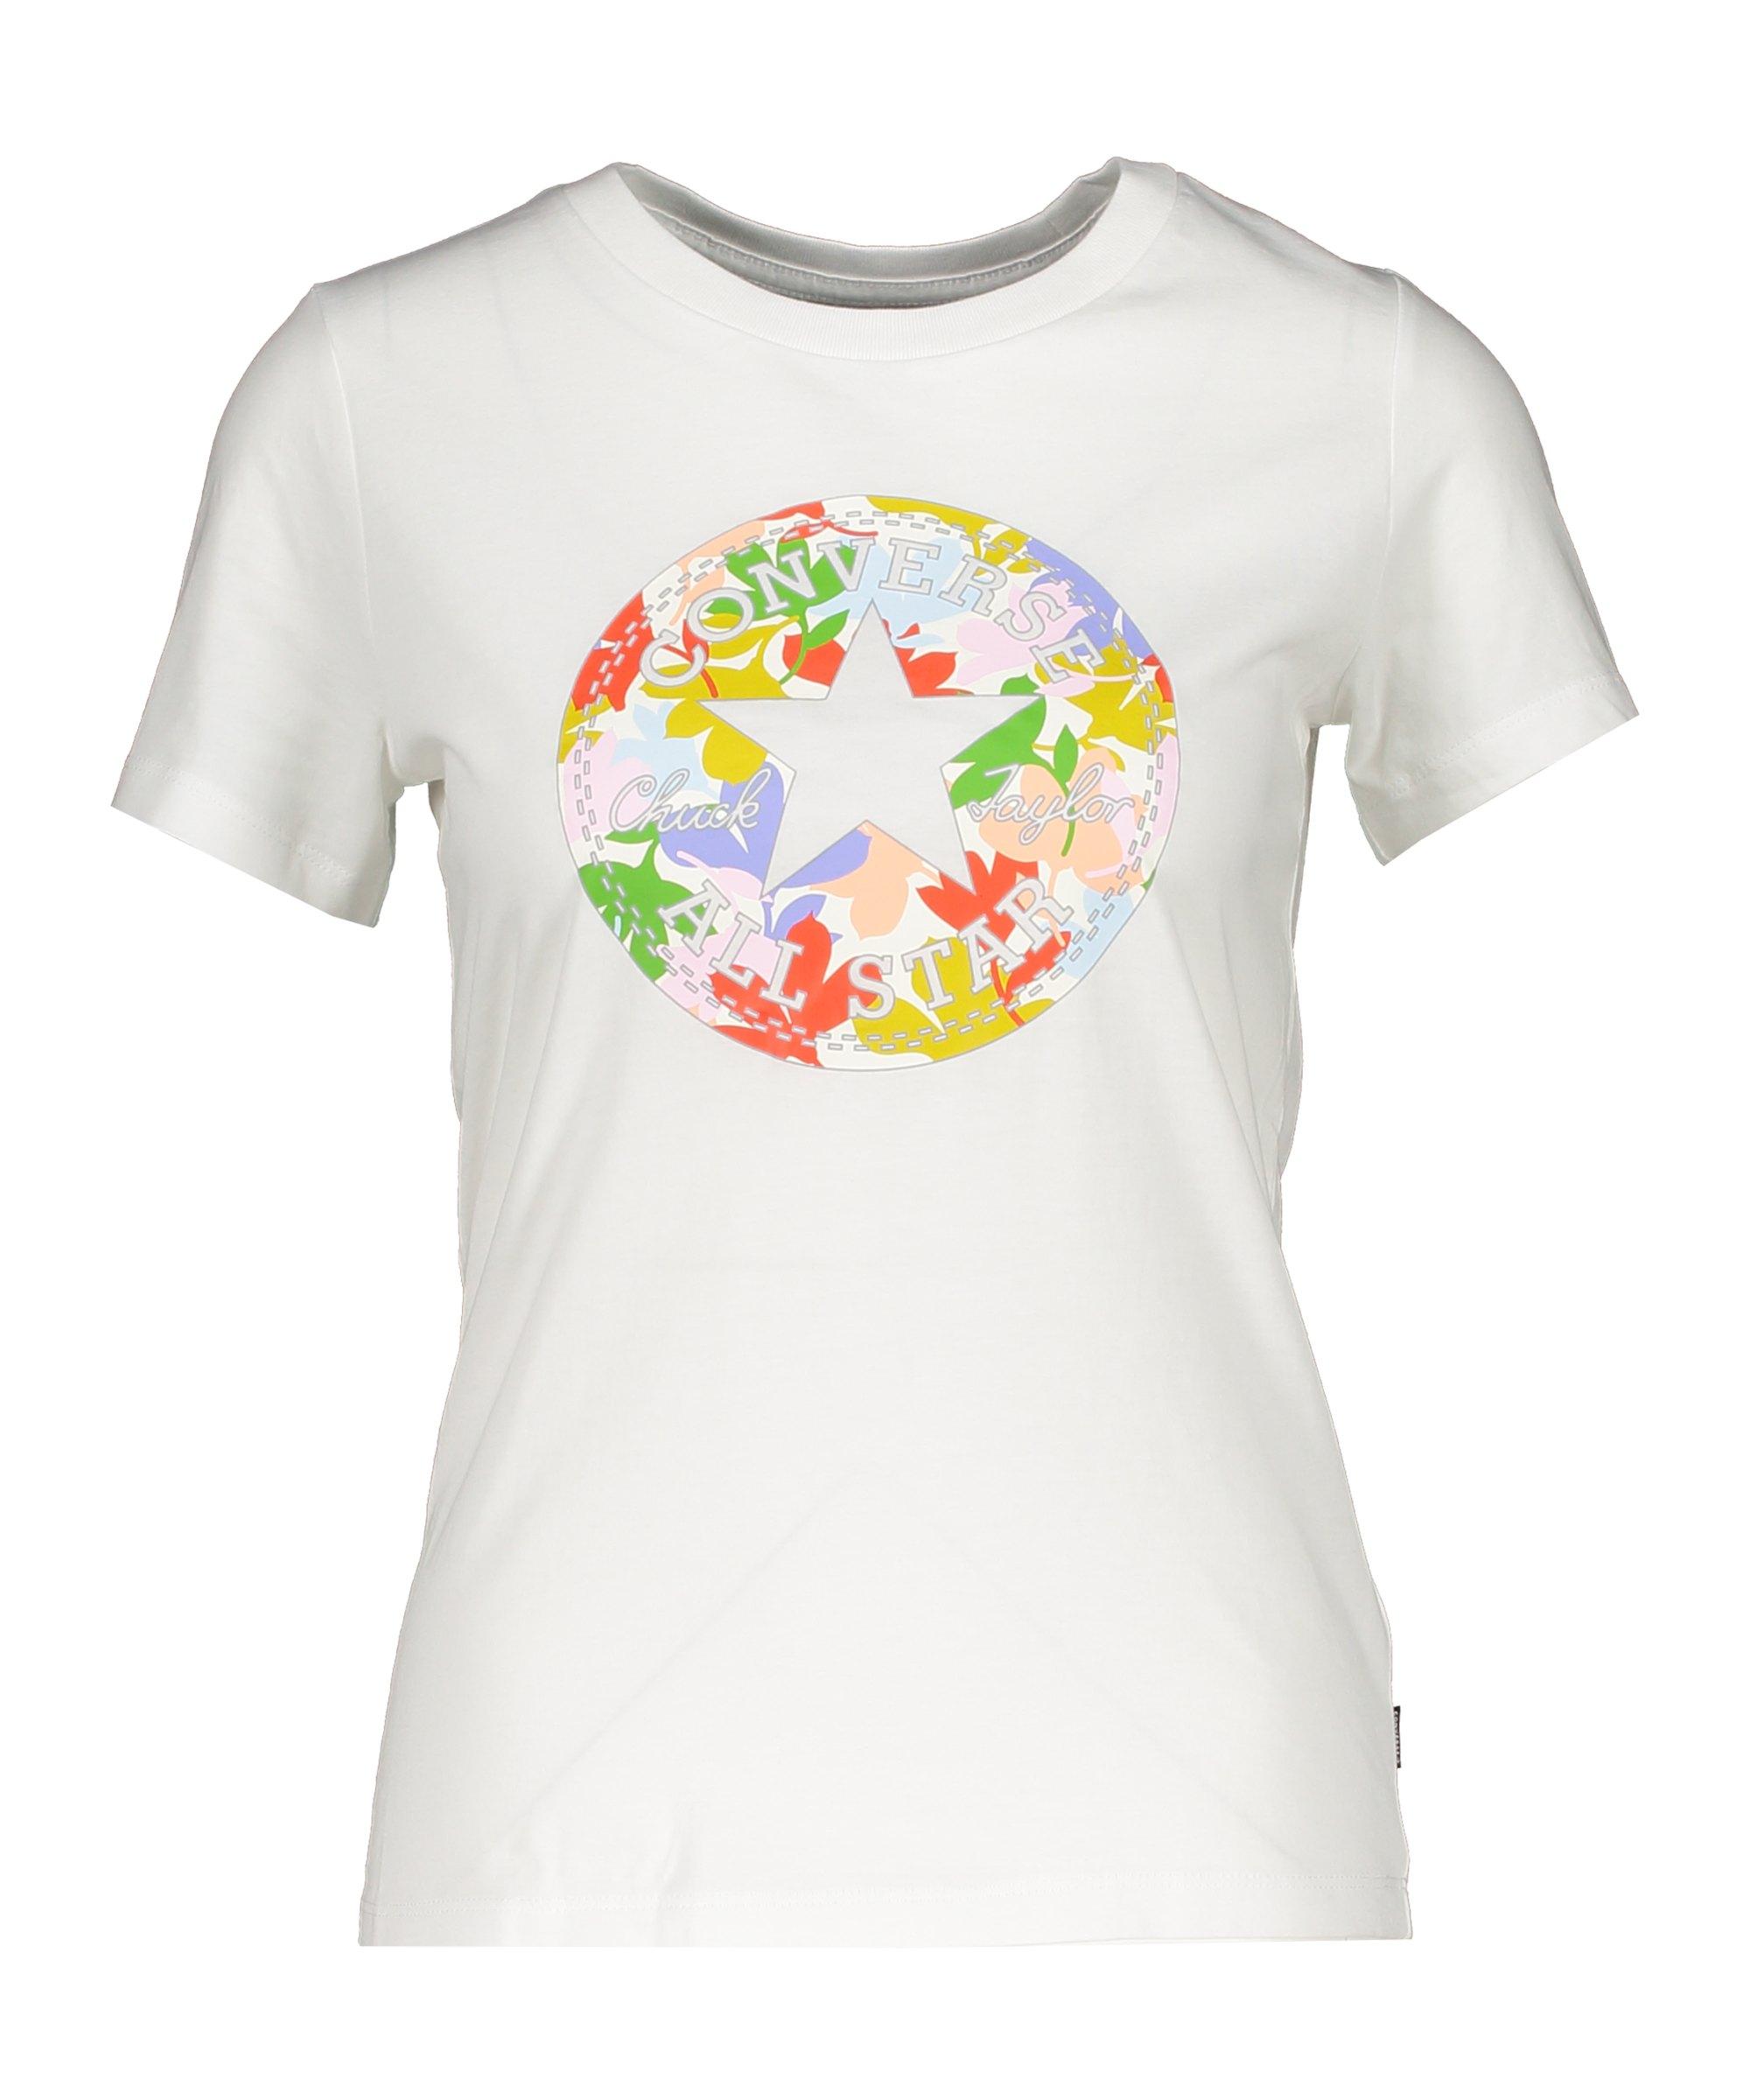 Converse Flower Chuck Patch Damen T-Shirt F102 - weiss